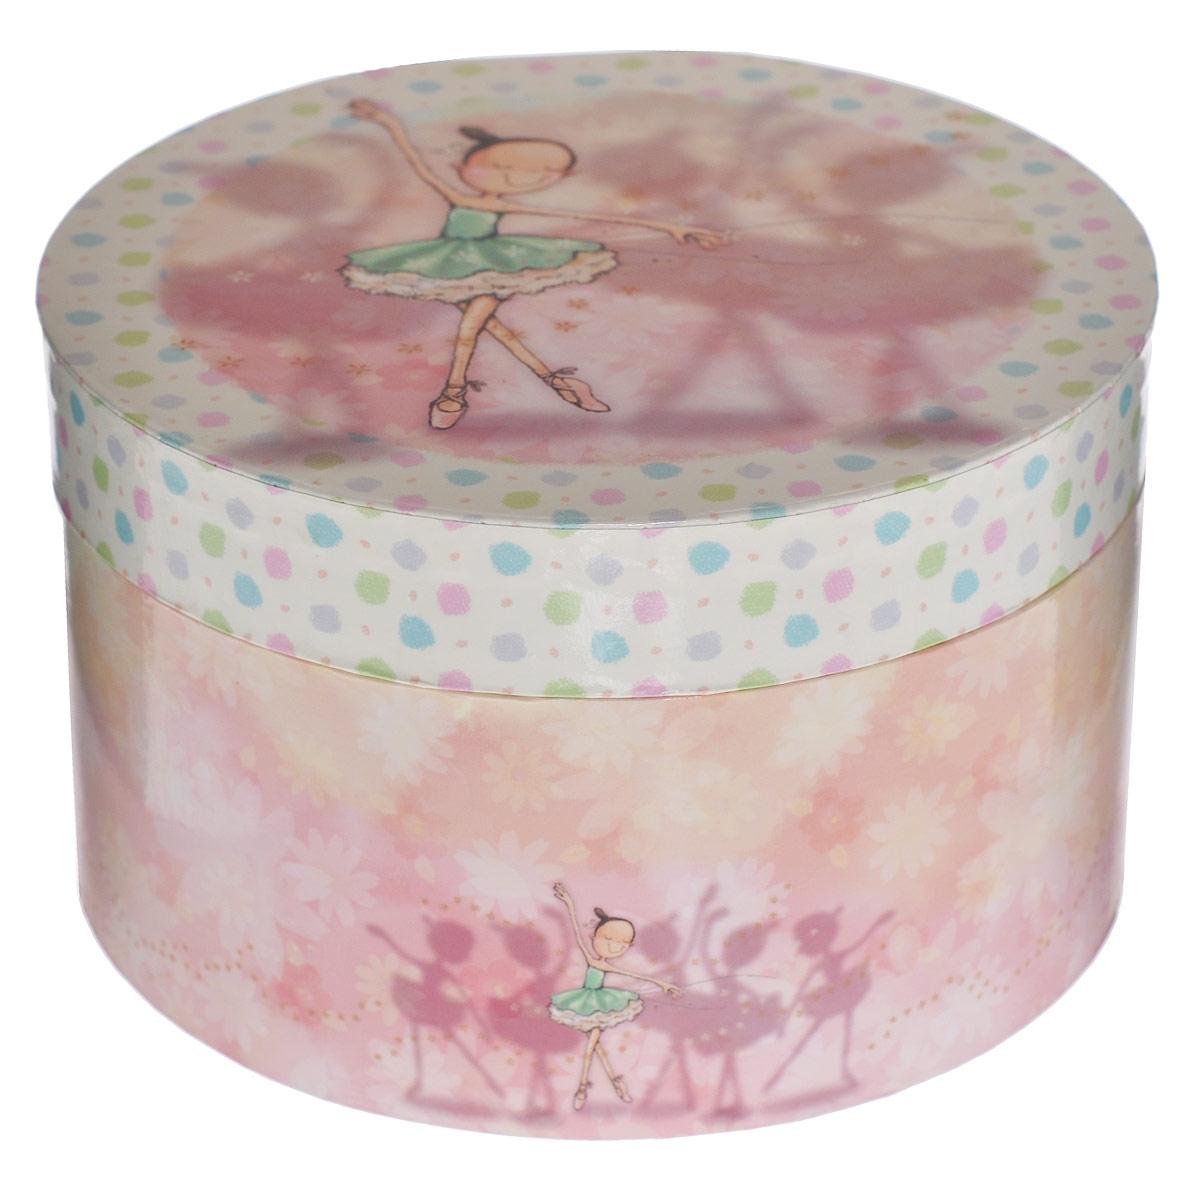 Музыкальная шкатулка Jakos Балерина, цвет: бежевый, розовый музыкальная шкатулка jakos балерина цвет розовый